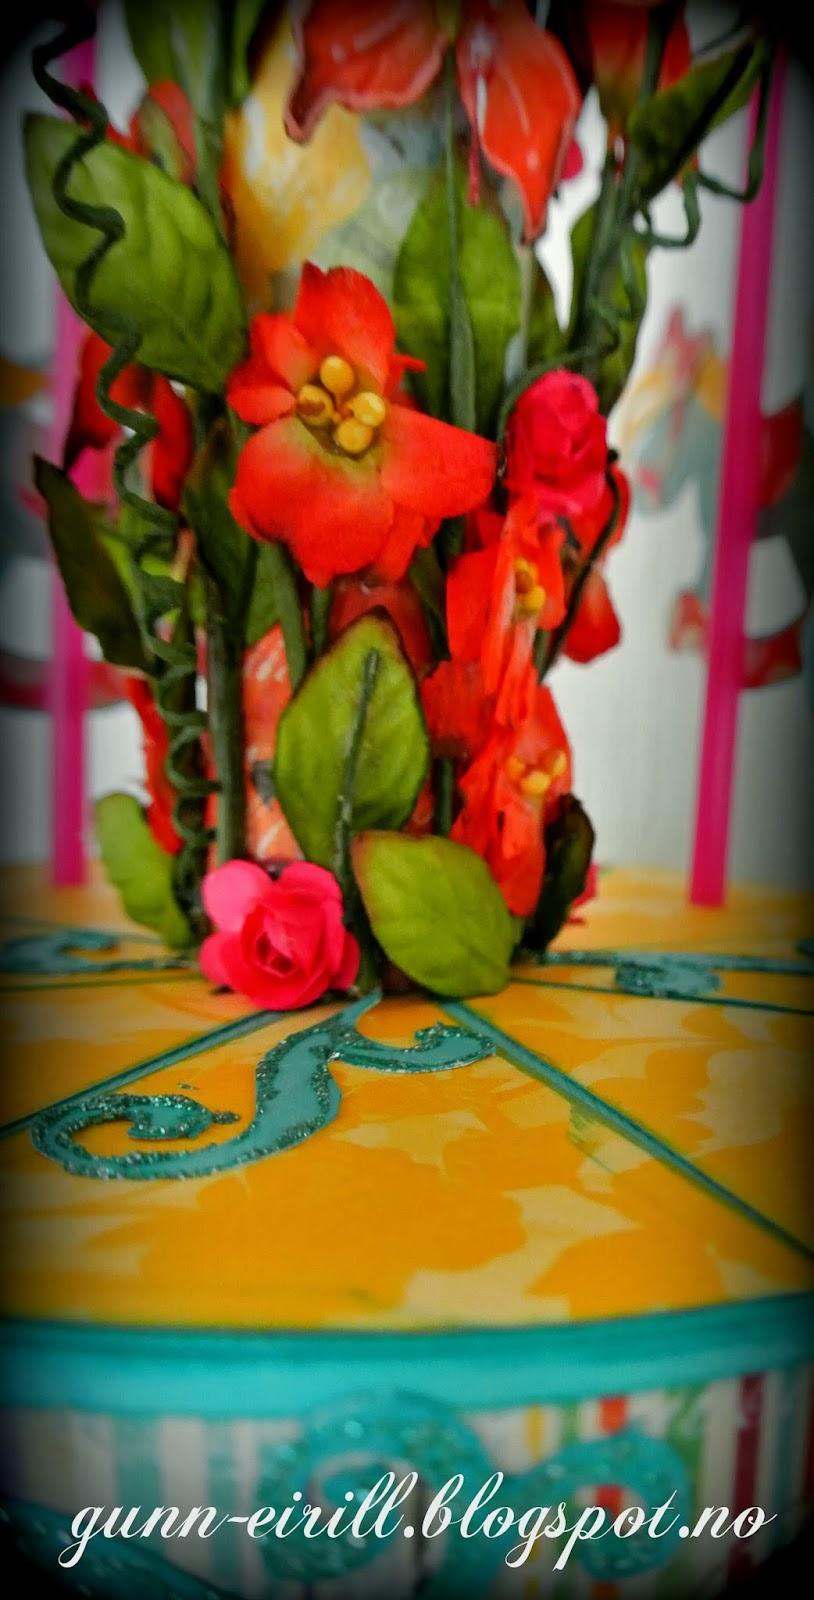 blomster karusellen liseberg